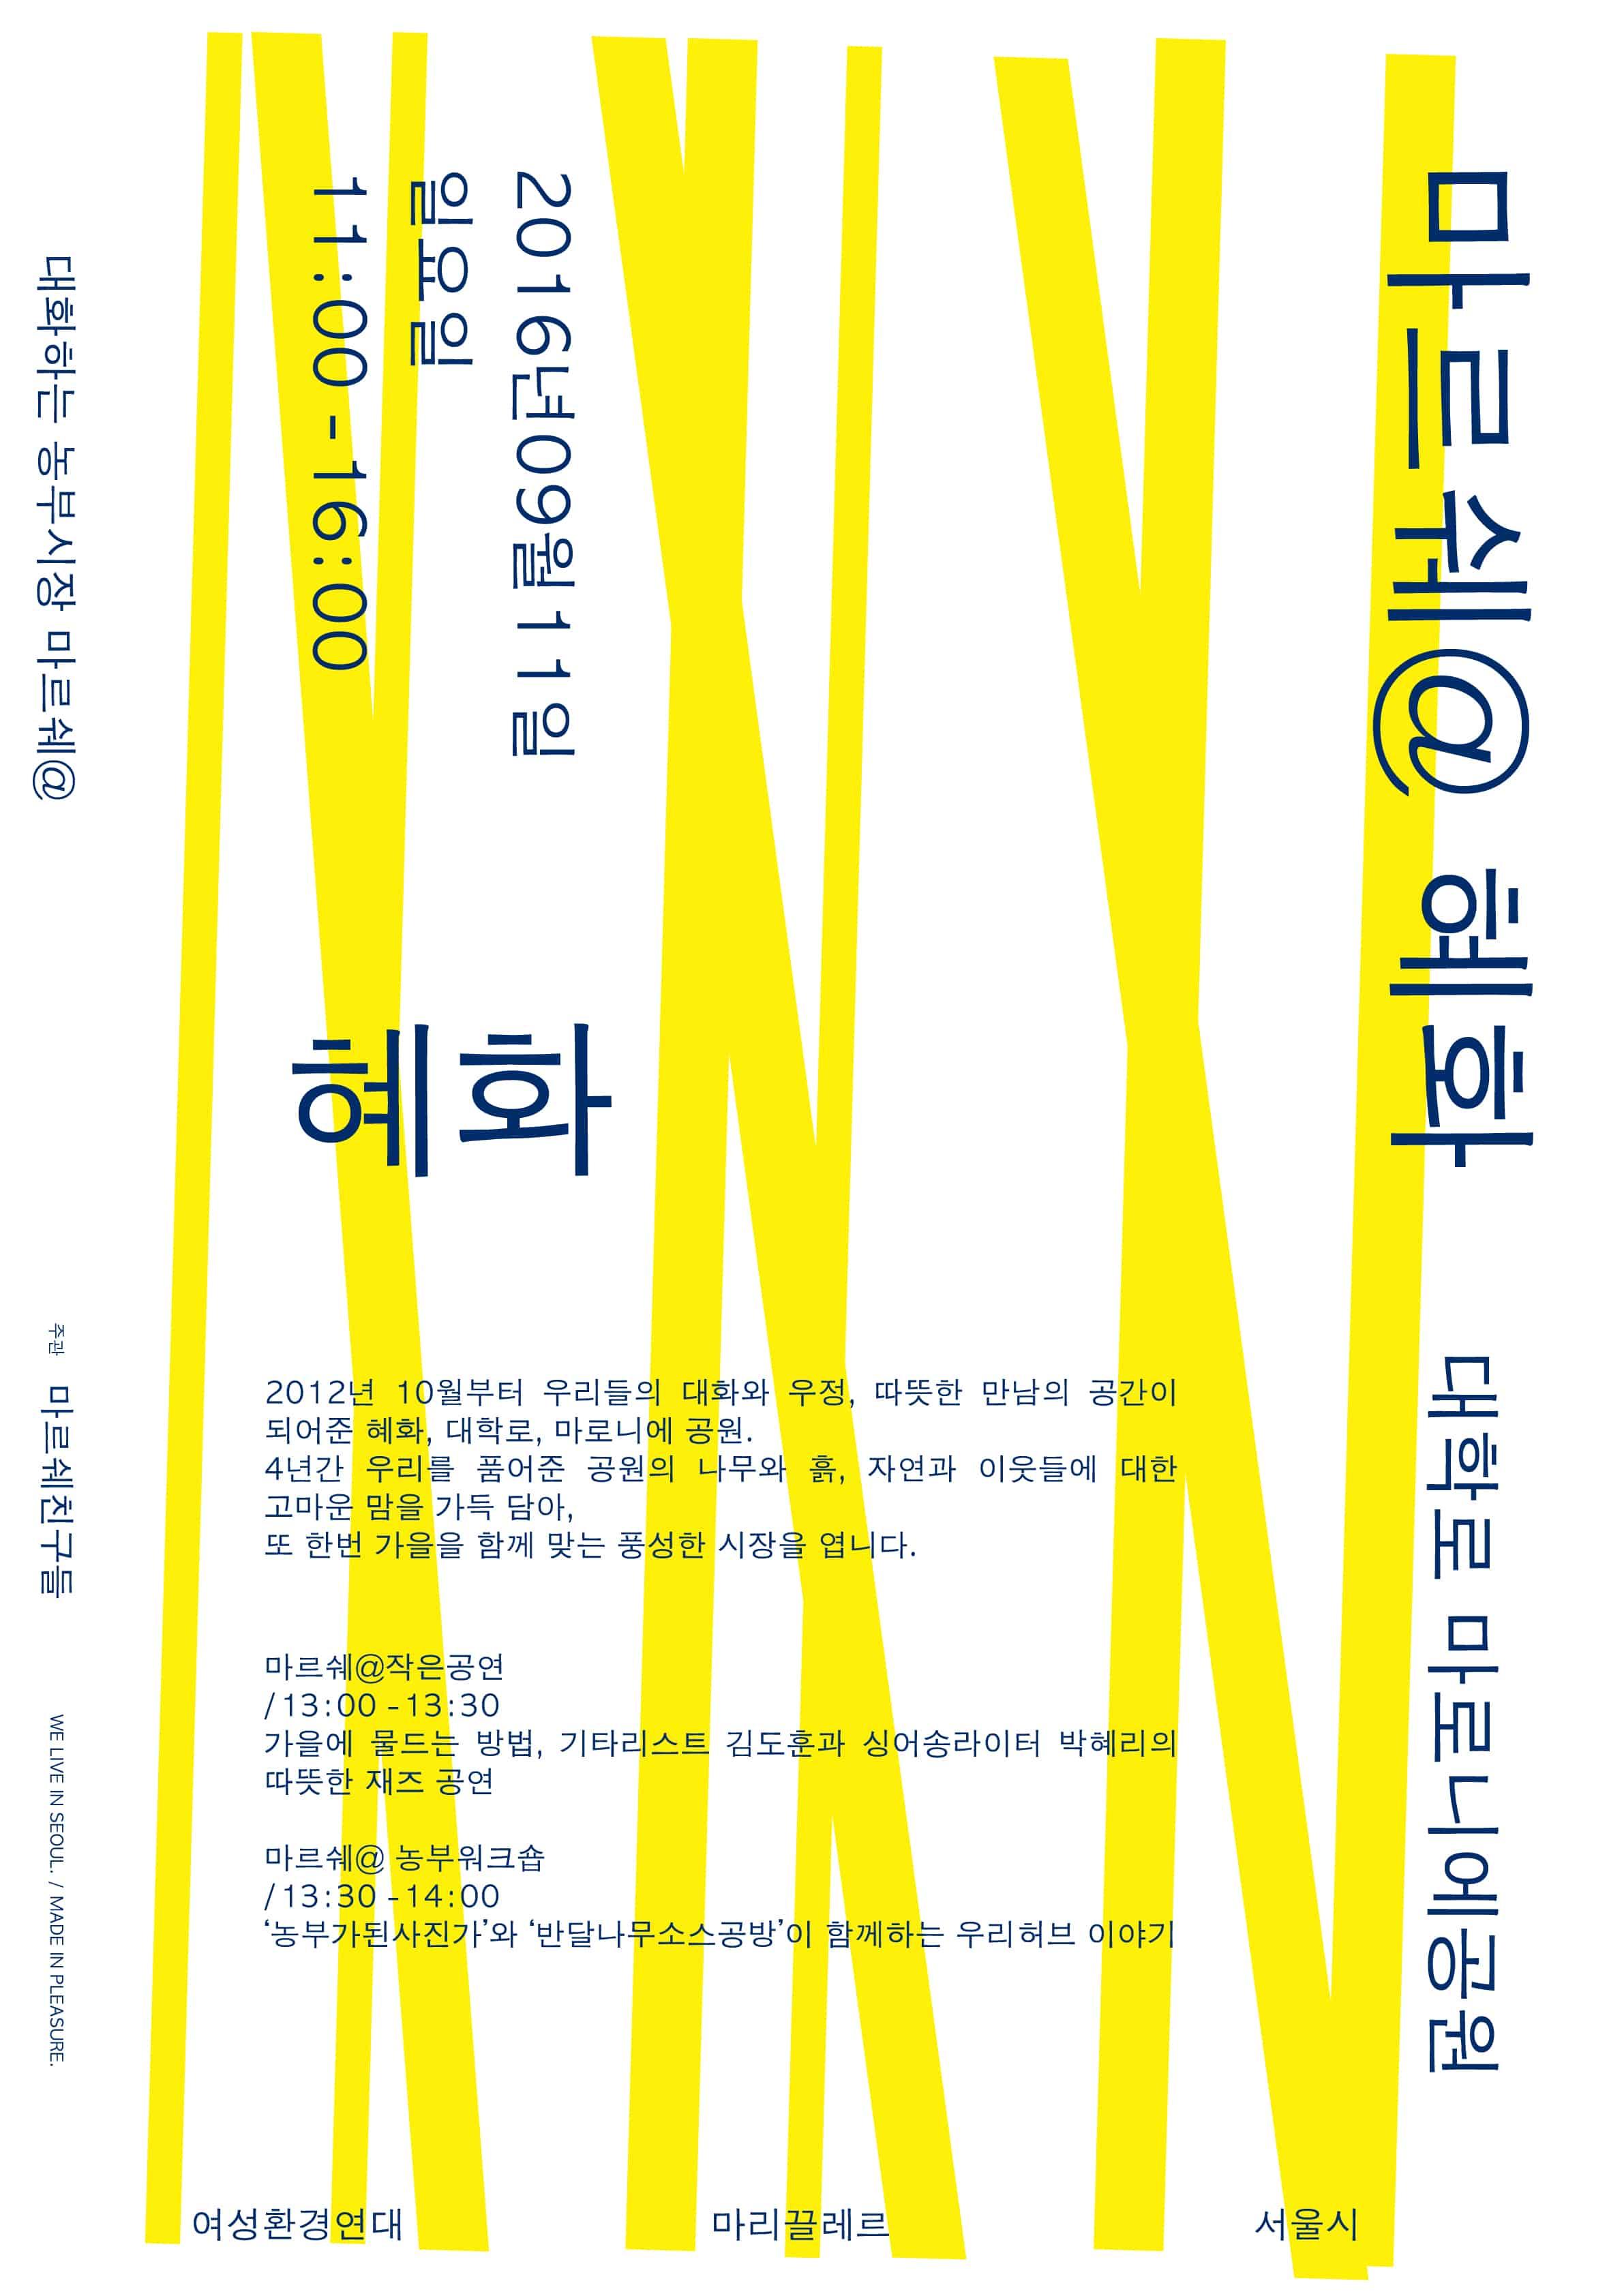 9월 11일 일요일 마르쉐@혜화 장 전체 출점팀을 소개합니다